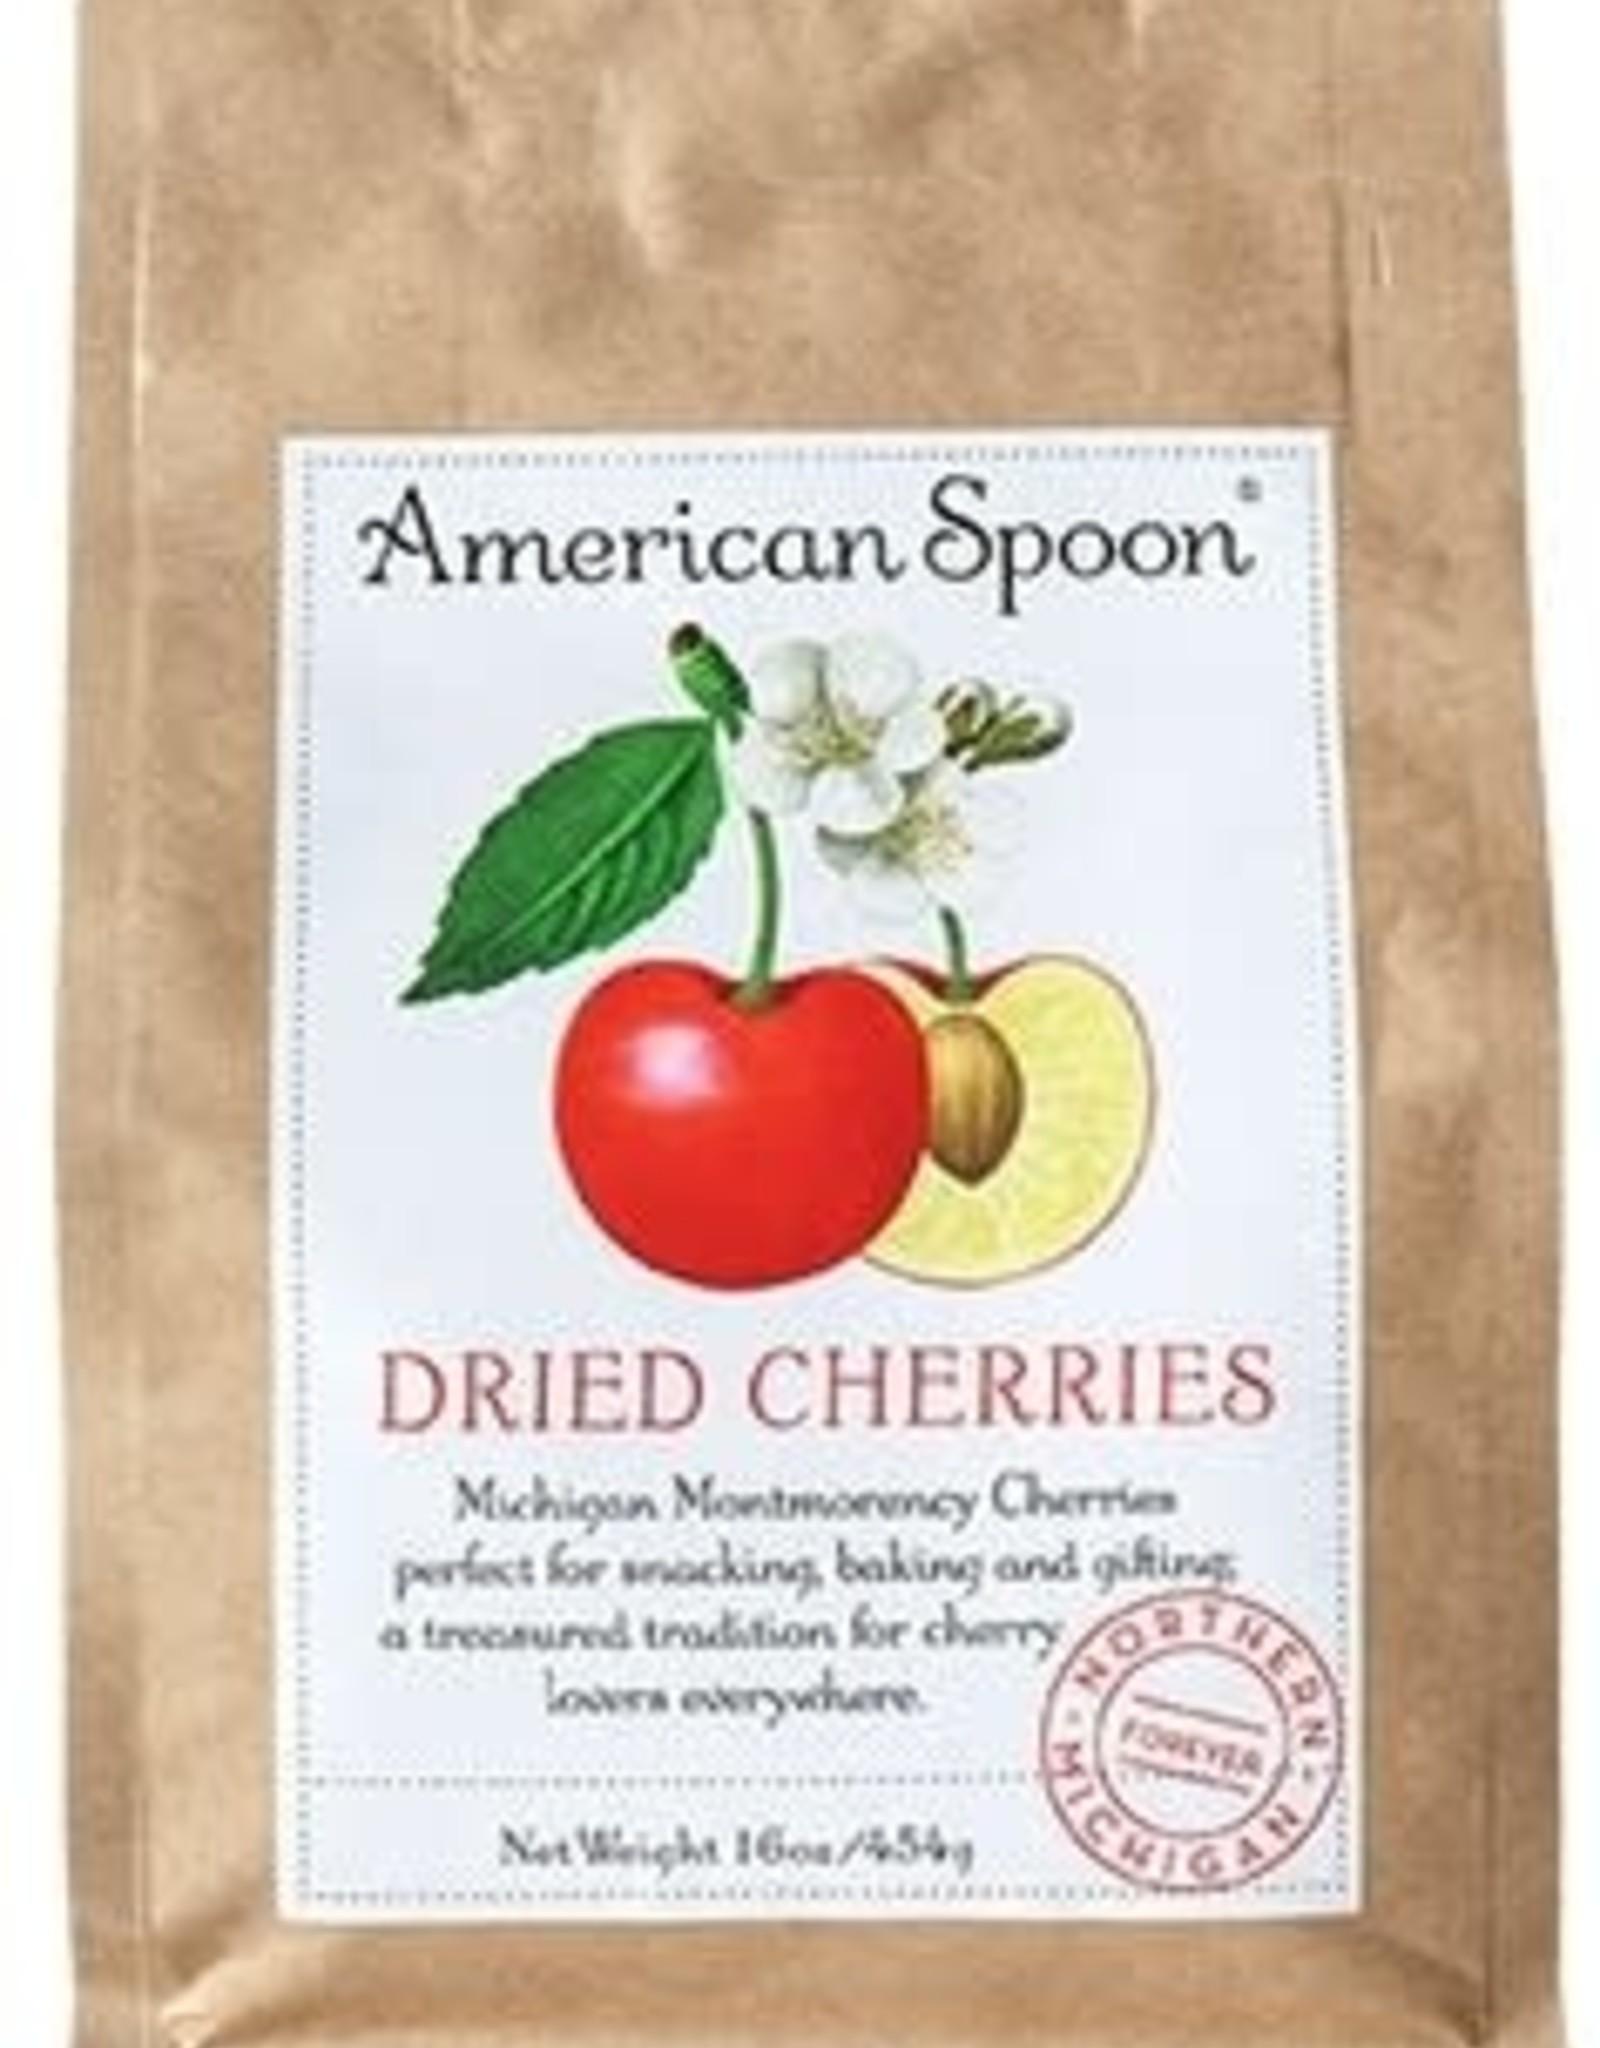 American Spoon AMERICAN SPOON DRIED TART CHERRIES